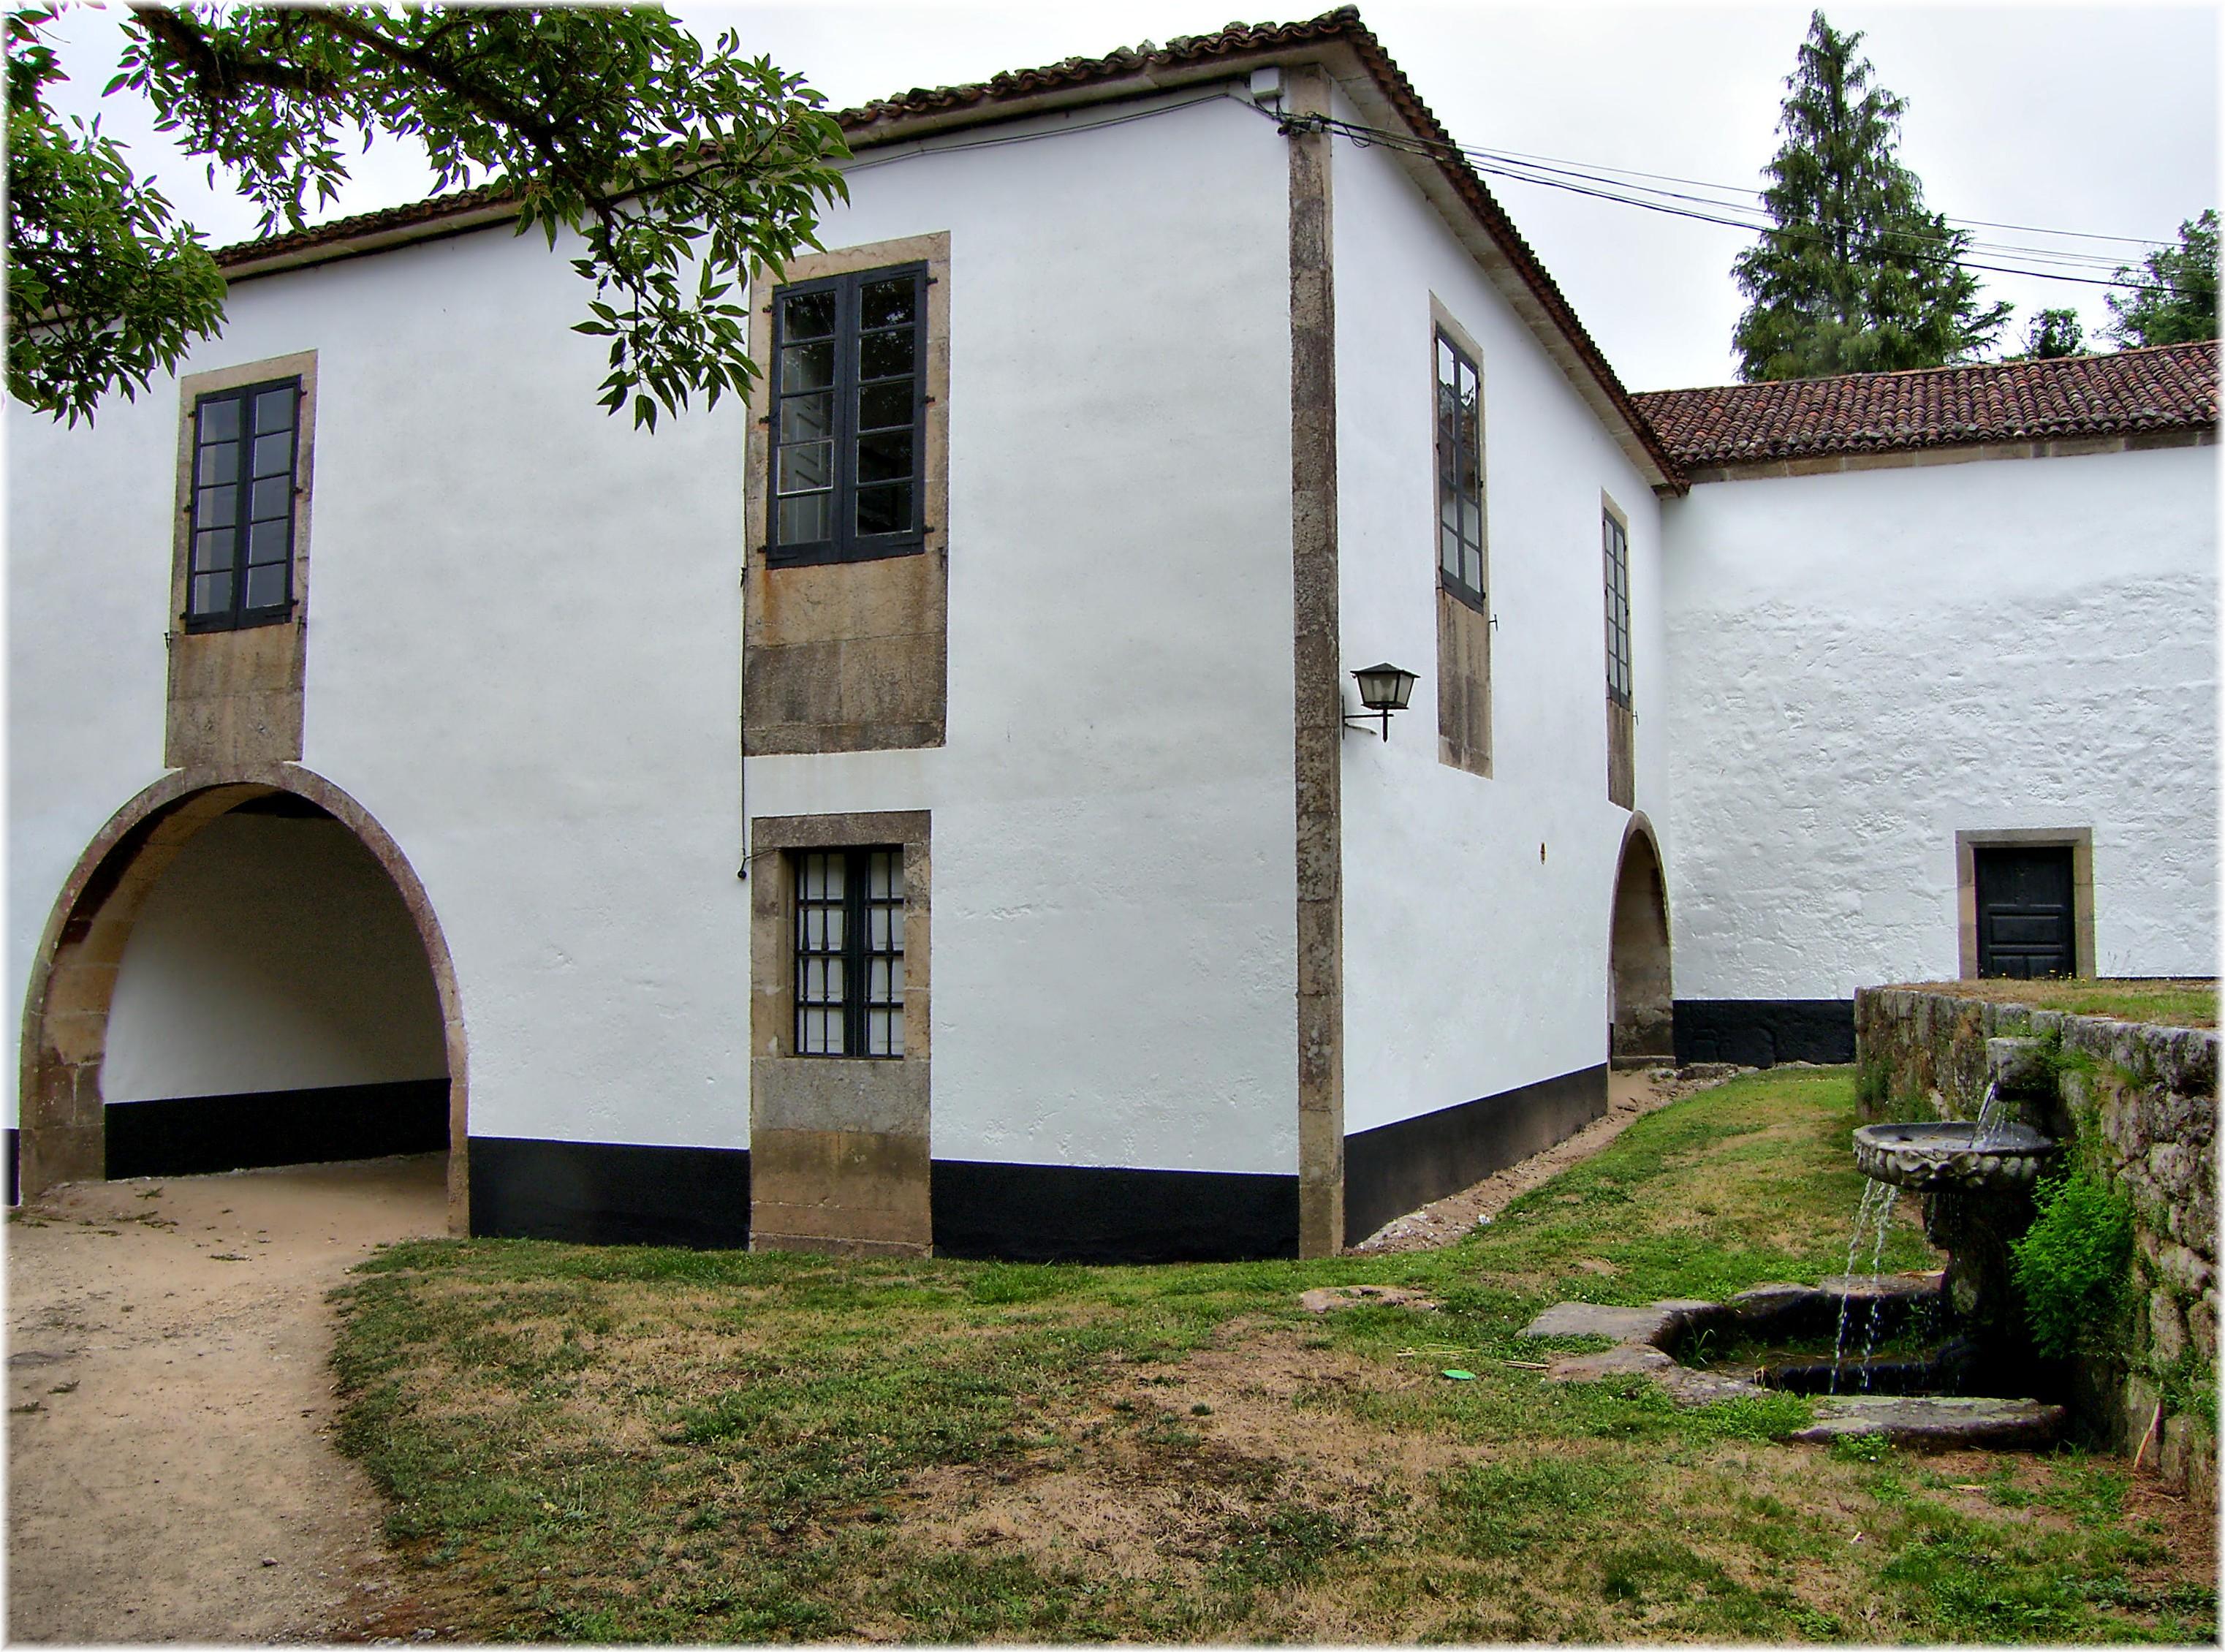 Fotos gratis arquitectura villa casa edificio pueblo europa caba a fachada propiedad - Bienes raices espana ...